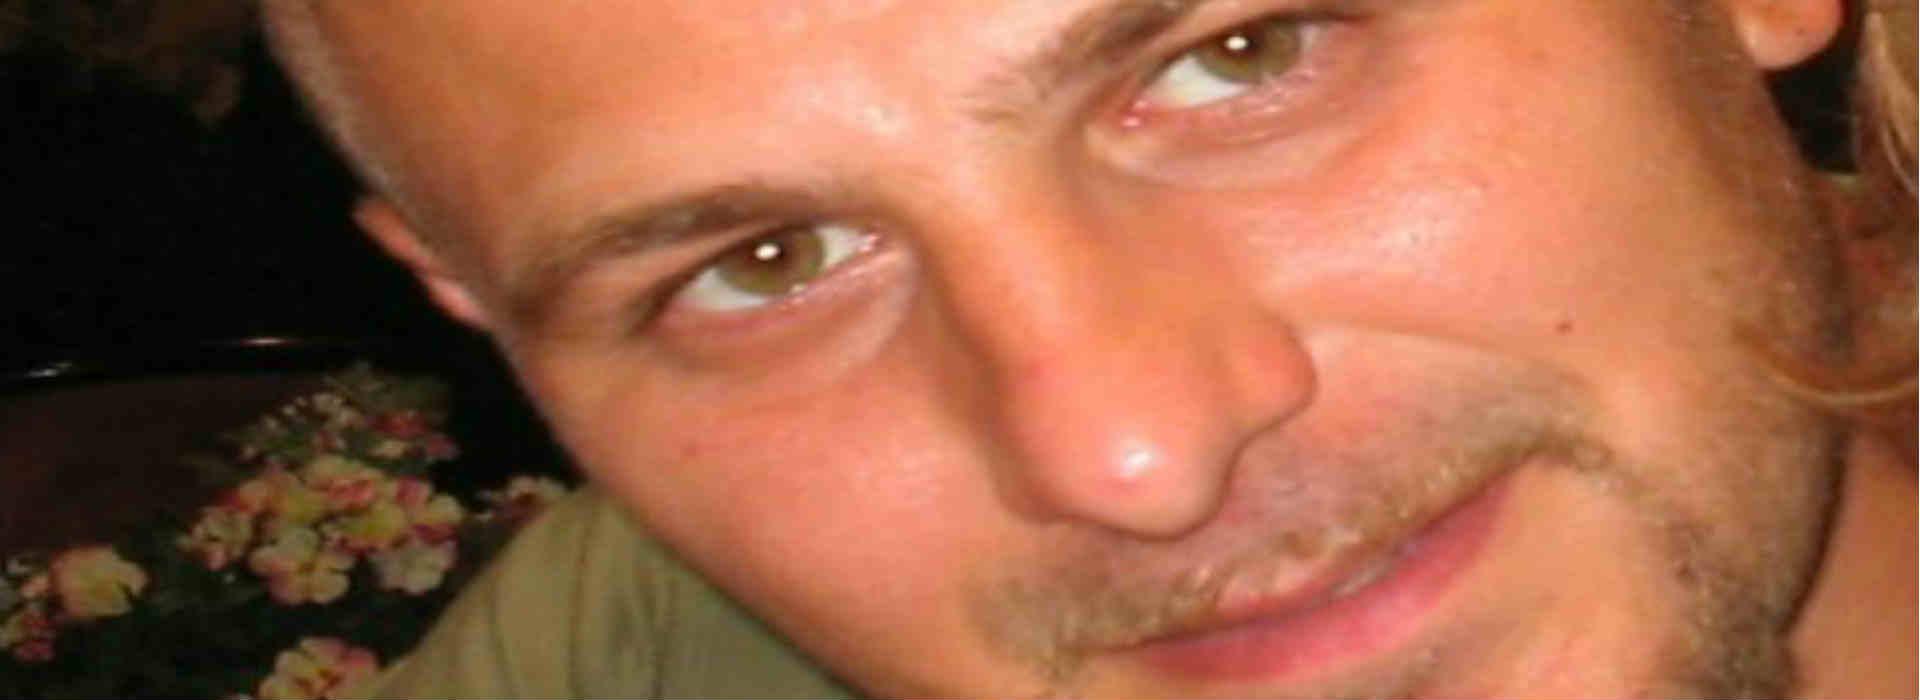 Francesco Carbone dell'Associazione Governo del Popolo. Mafie